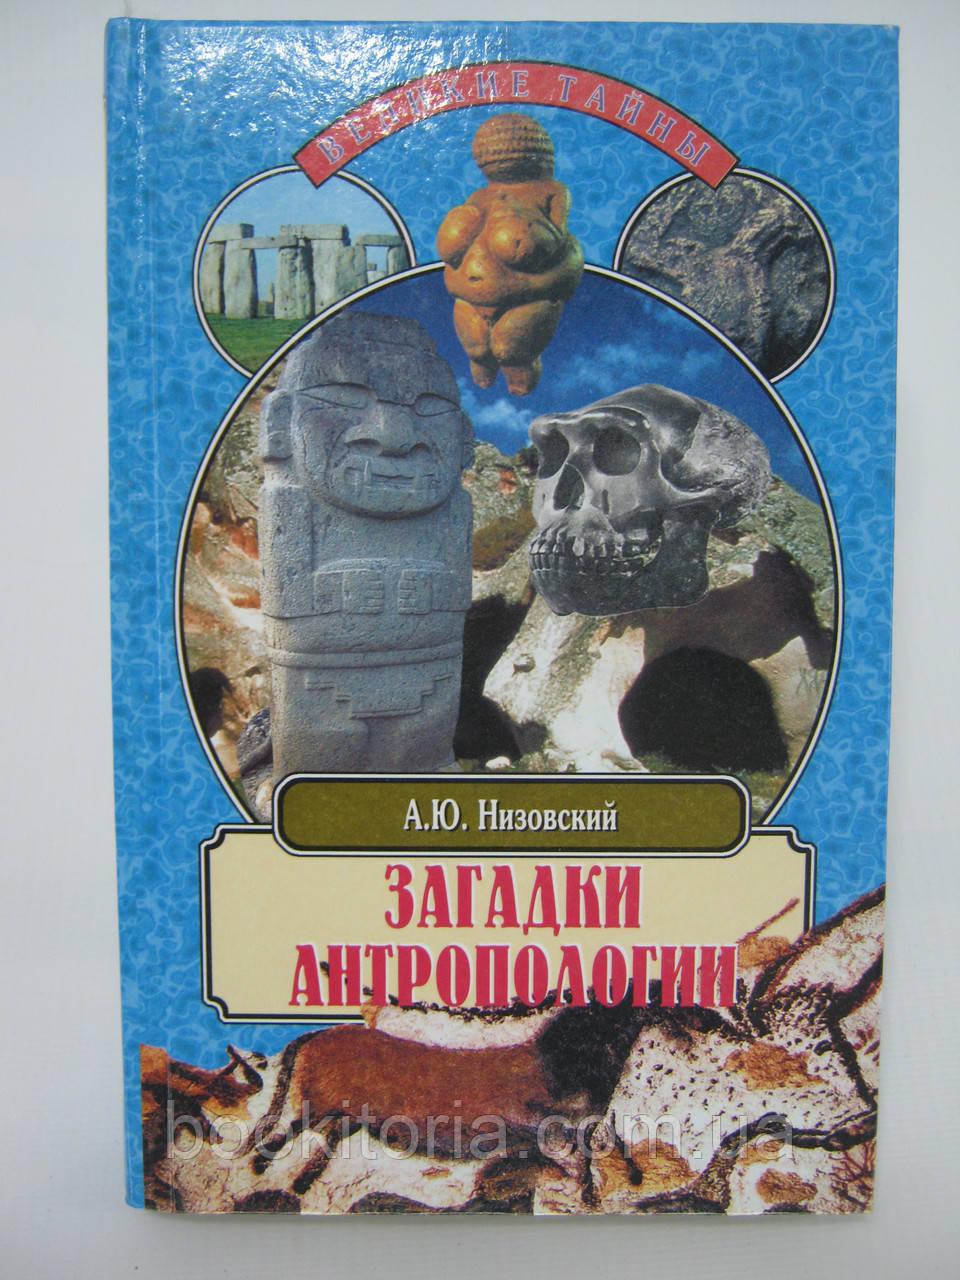 Низовский А.Ю. Загадки антропологии (б/у).